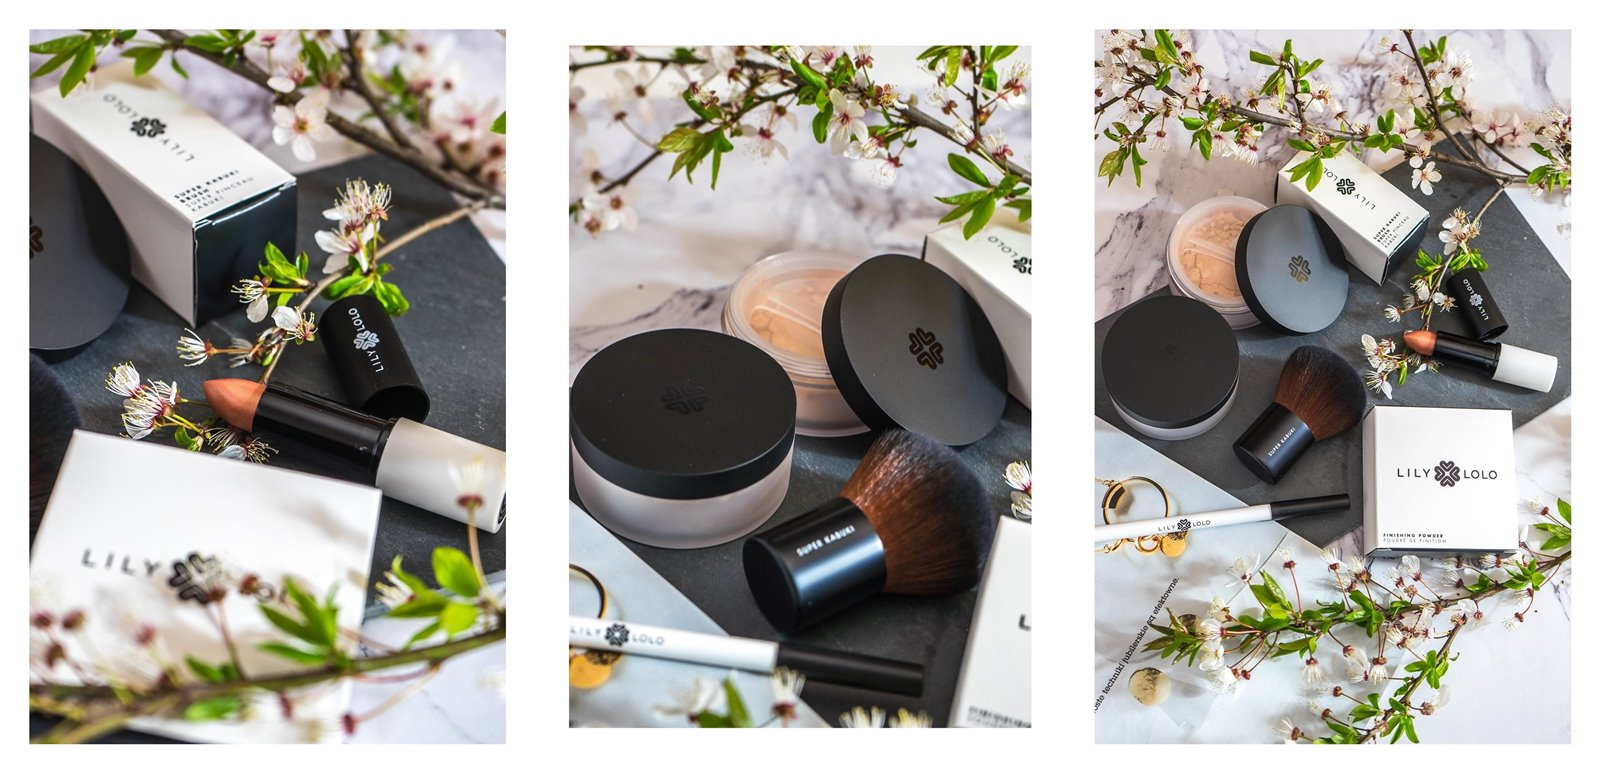 3a jak nakładać kosmetyki mineralne lily lolo opinia recenzja jak stosować puder matujący pędzel super kabuki cena blog szminka naturalne kosmetyki dla wegan puder mineralny podkład kredka do oczu szminka